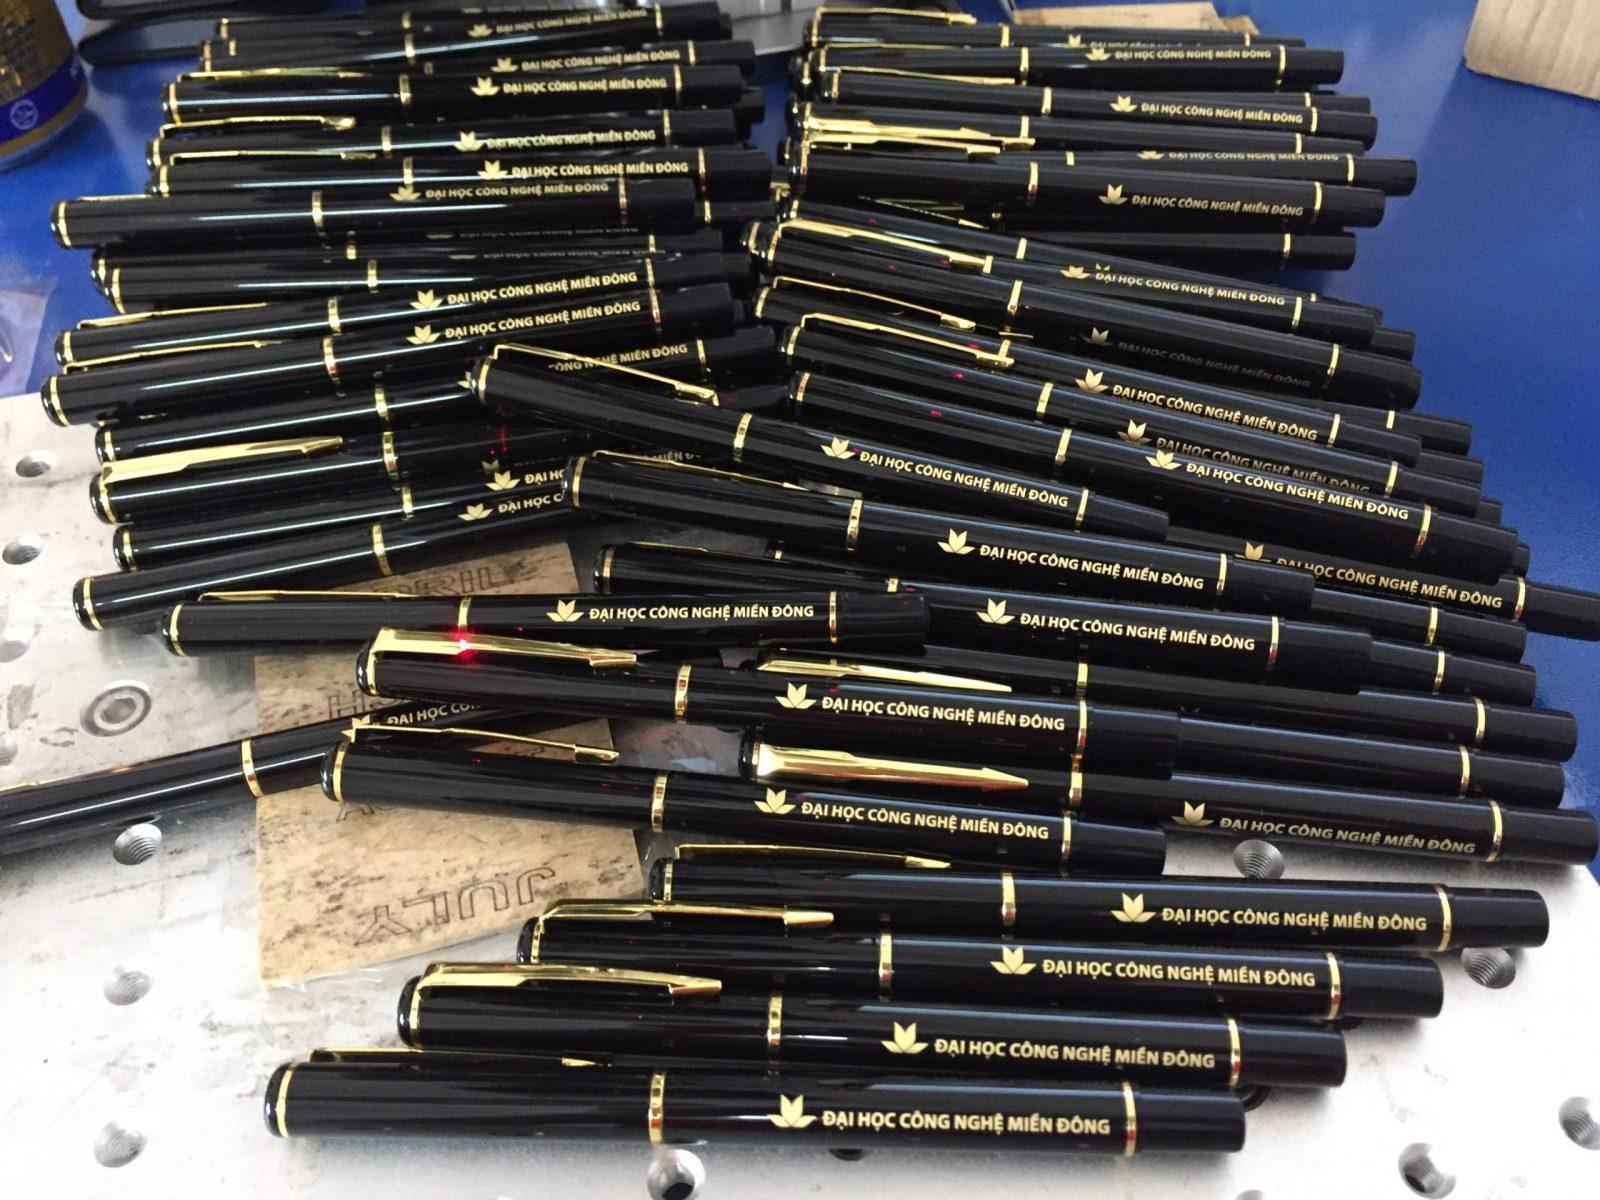 Bút kim loại BK081 nắp rời khắc logo Đại Học Công Nghệ Miền Đông